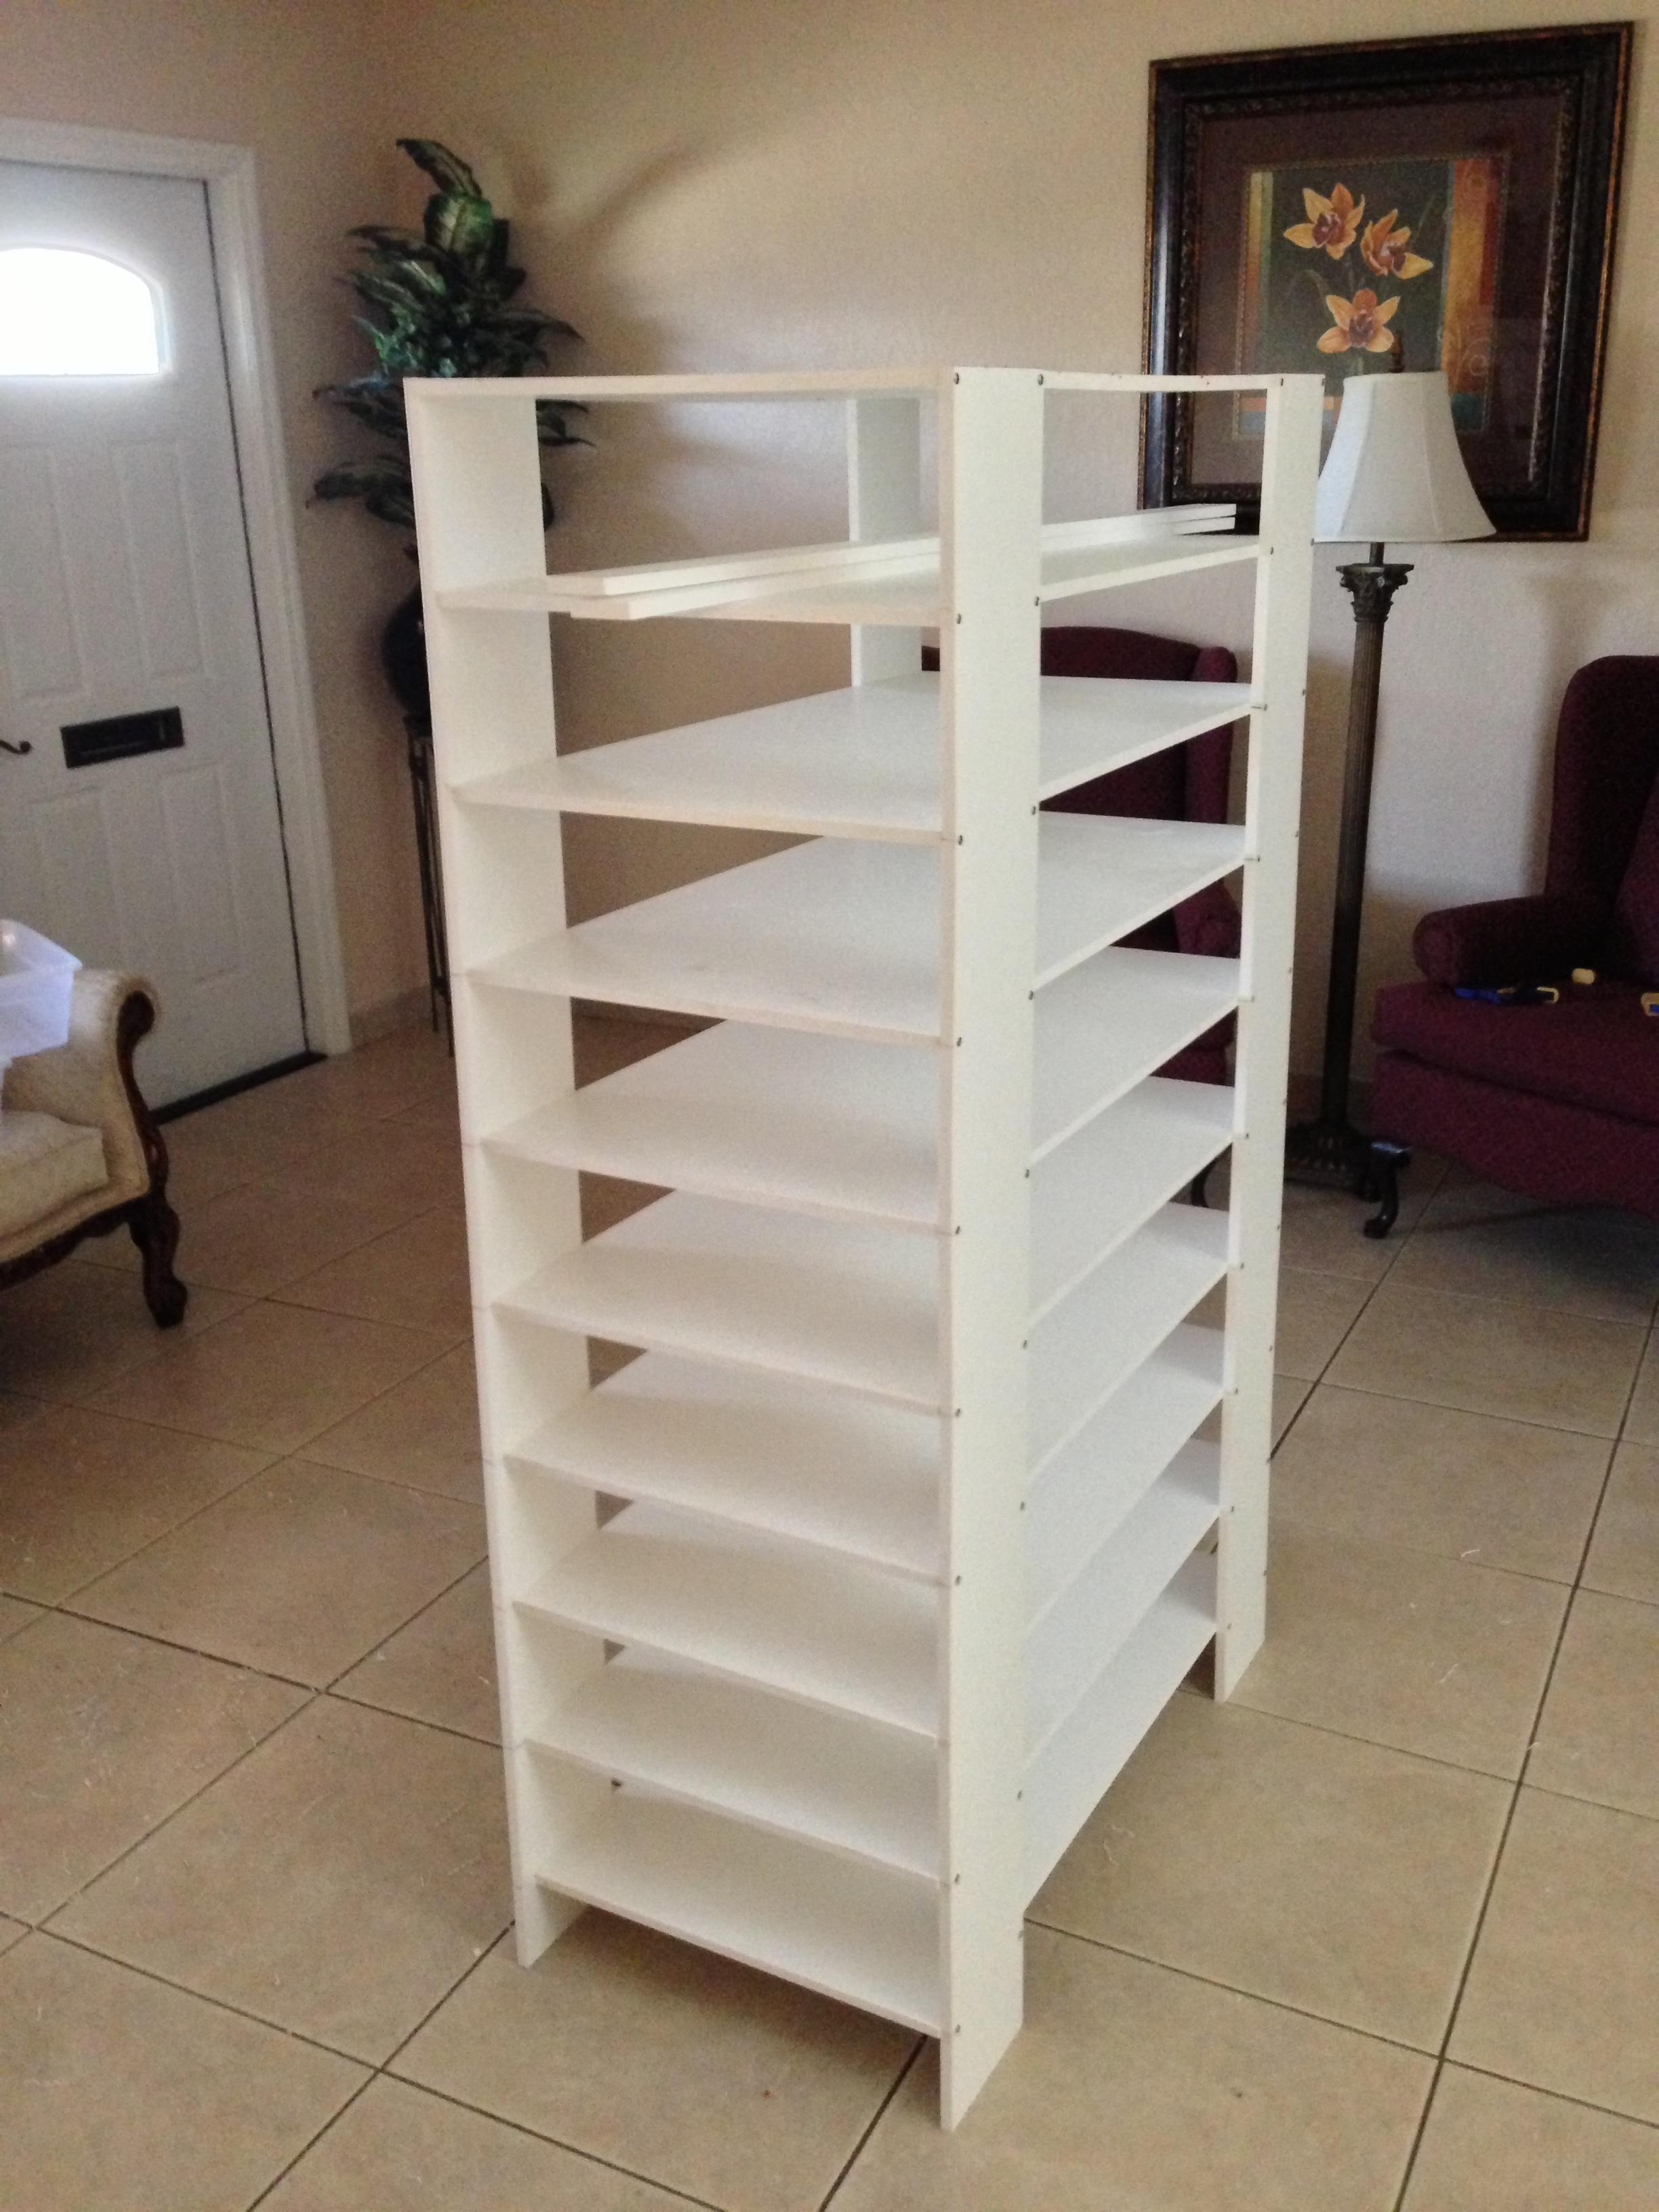 9 level rack